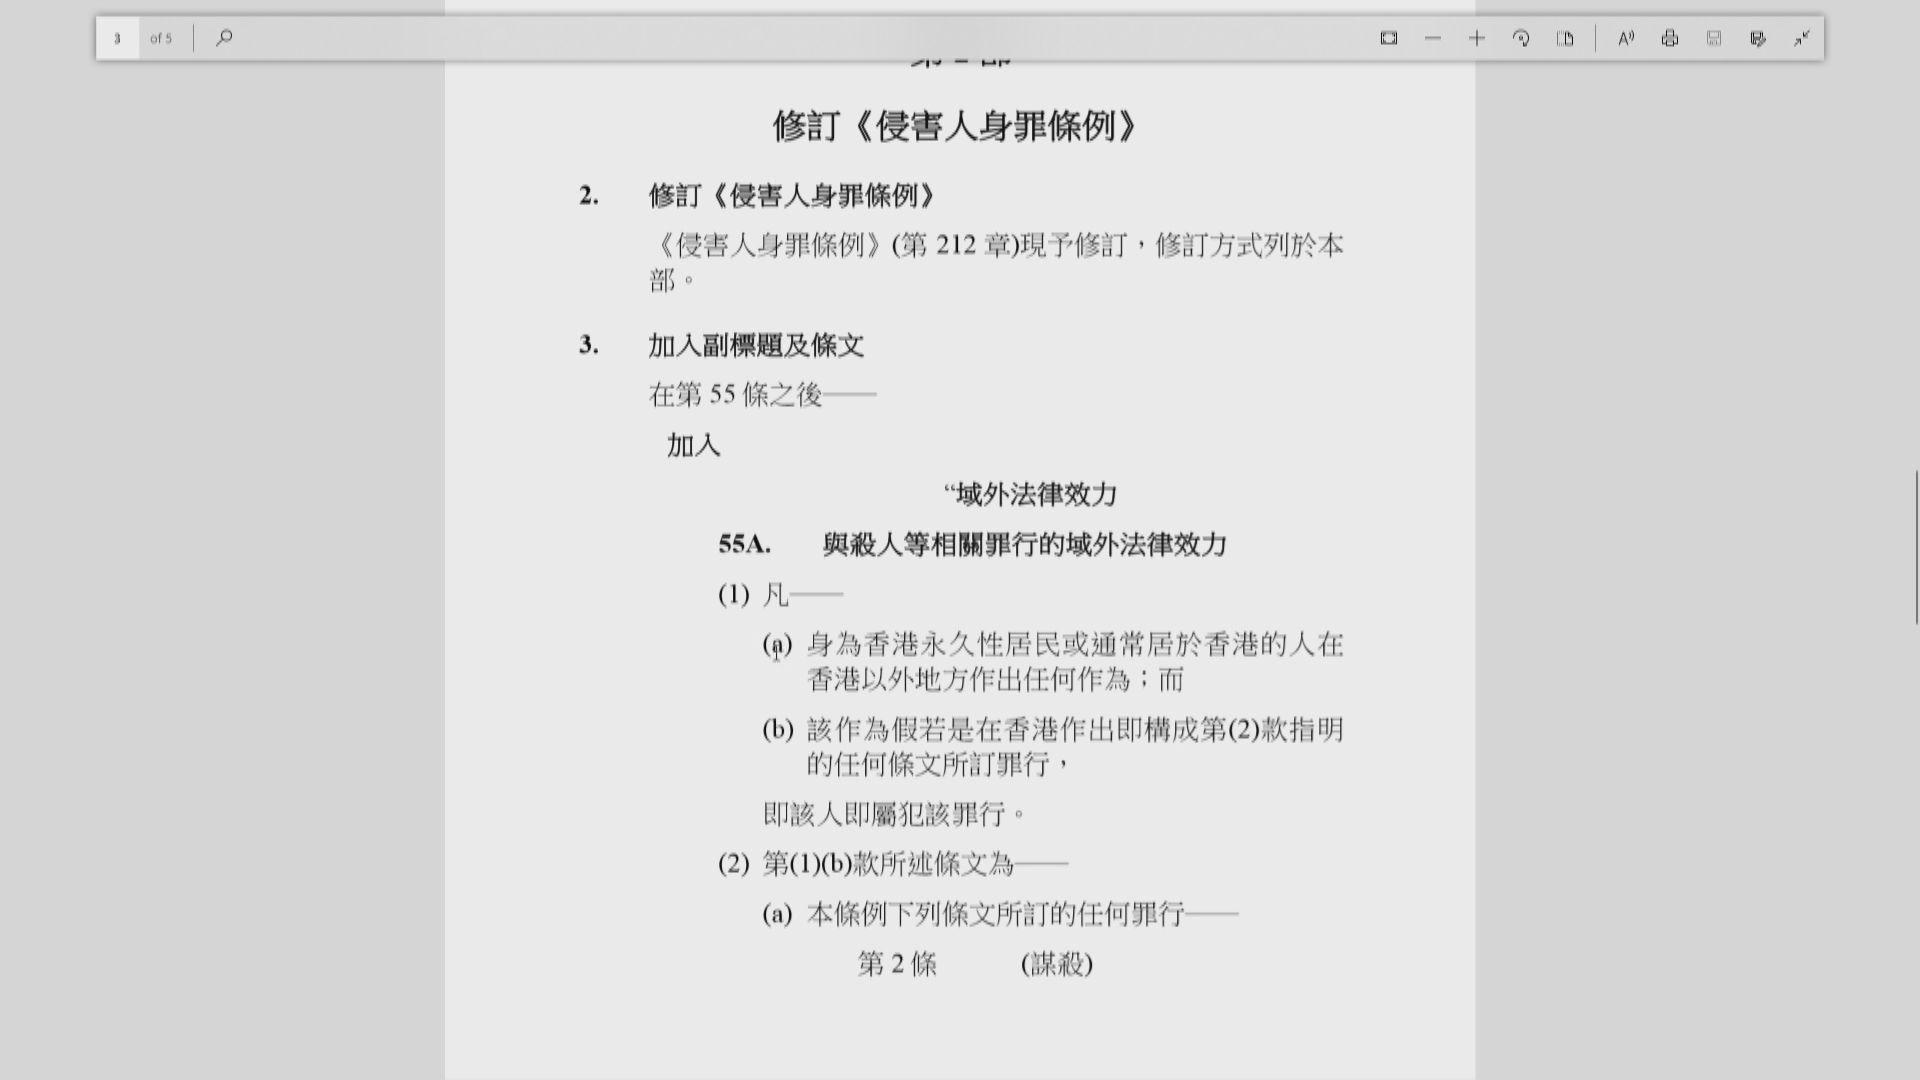 民建聯:楊岳橋私人條例草案違法律原則